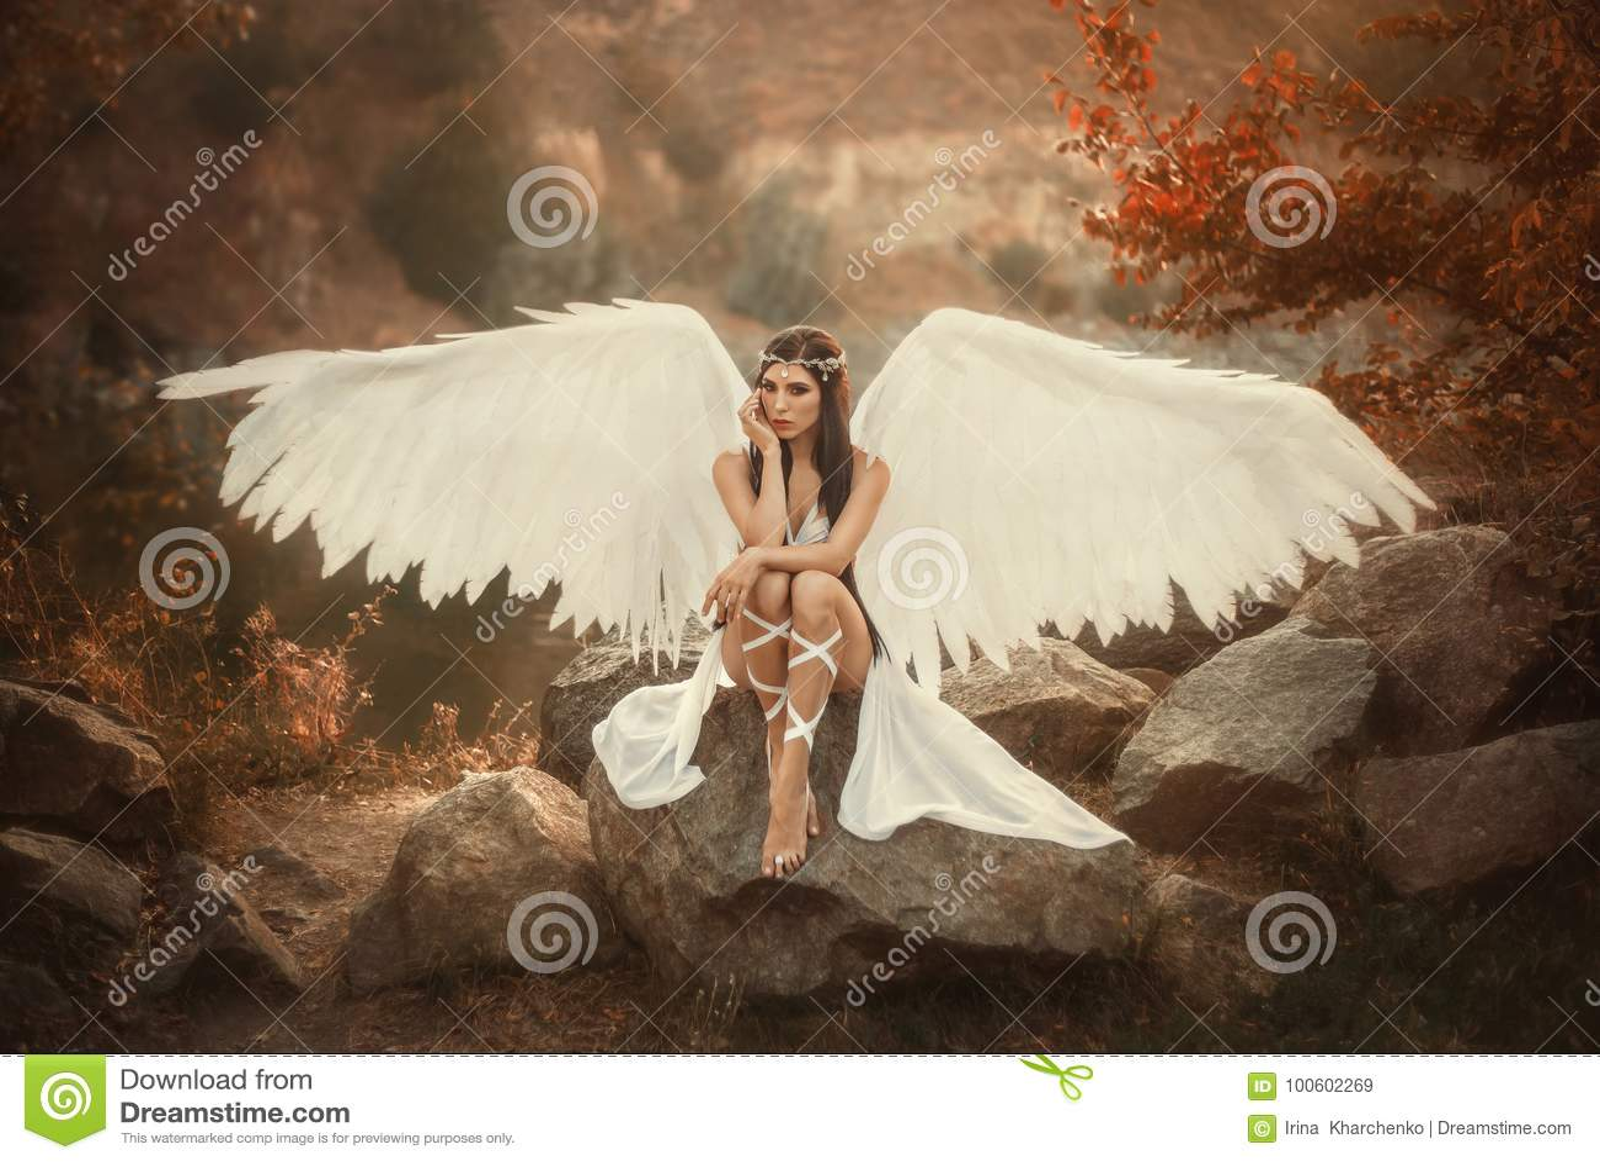 Un arcángel blanco hermoso